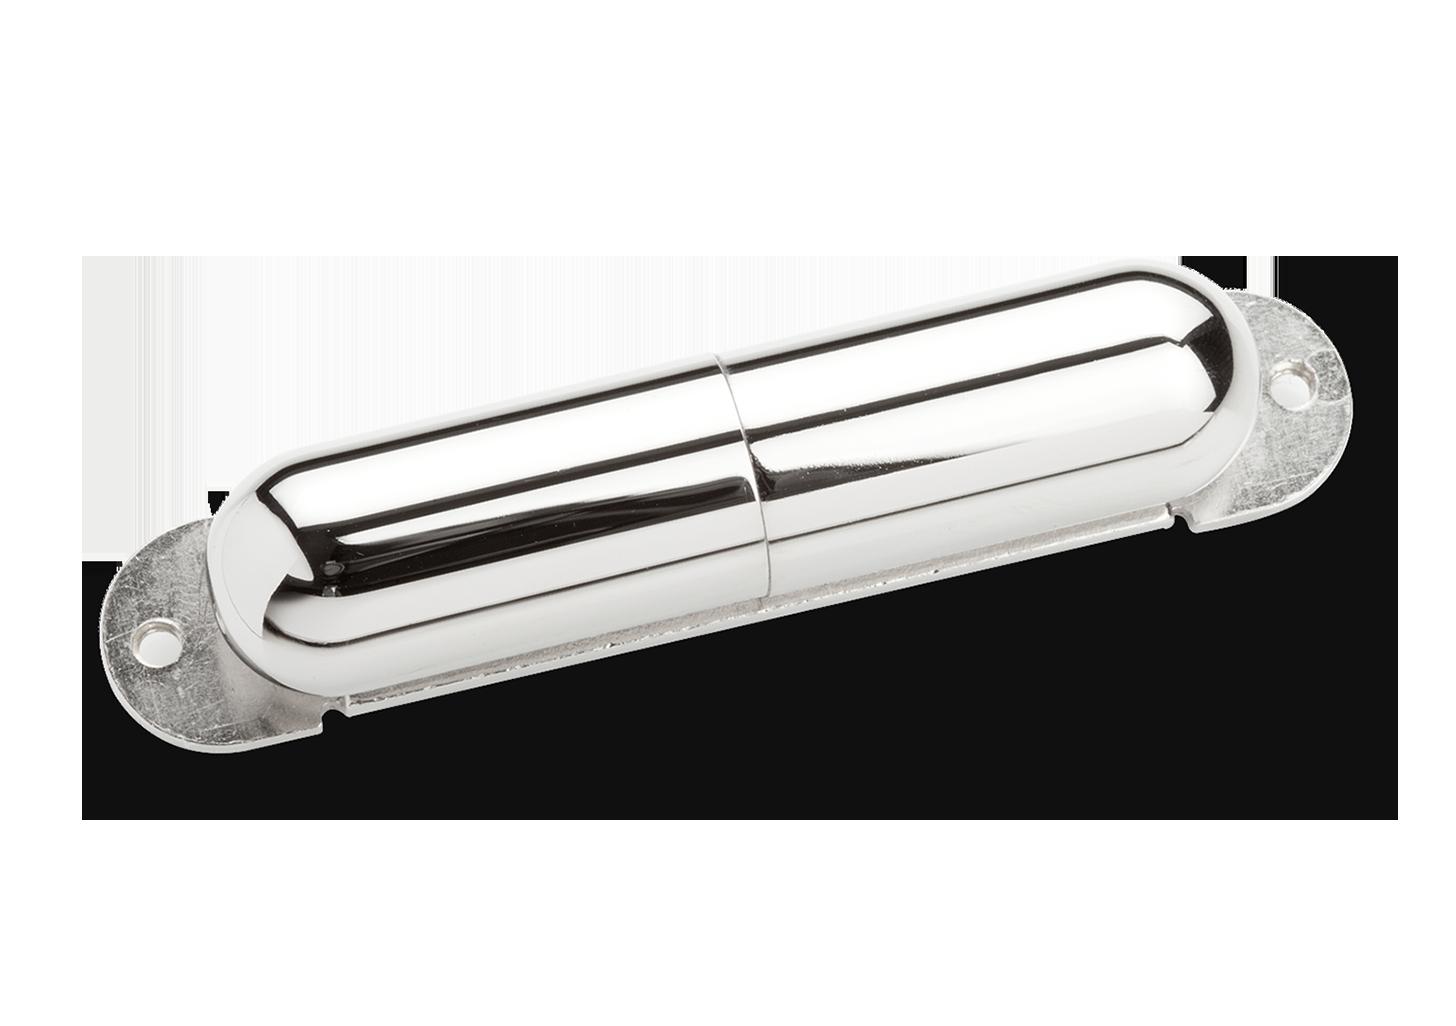 Seymour Duncan Lipstick Tube Strat SLS-1 Neck